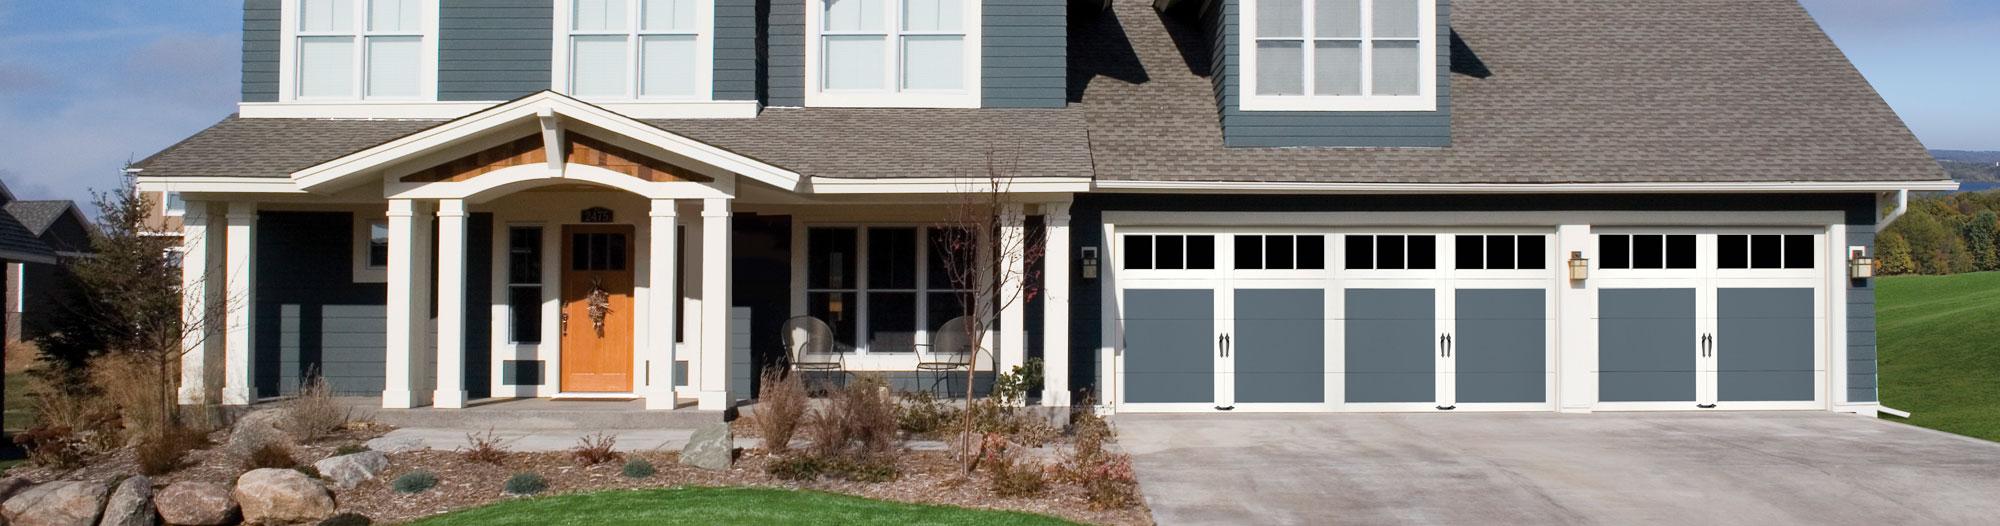 Customer testimonials quality overhead door - Overhead door of toledo ...